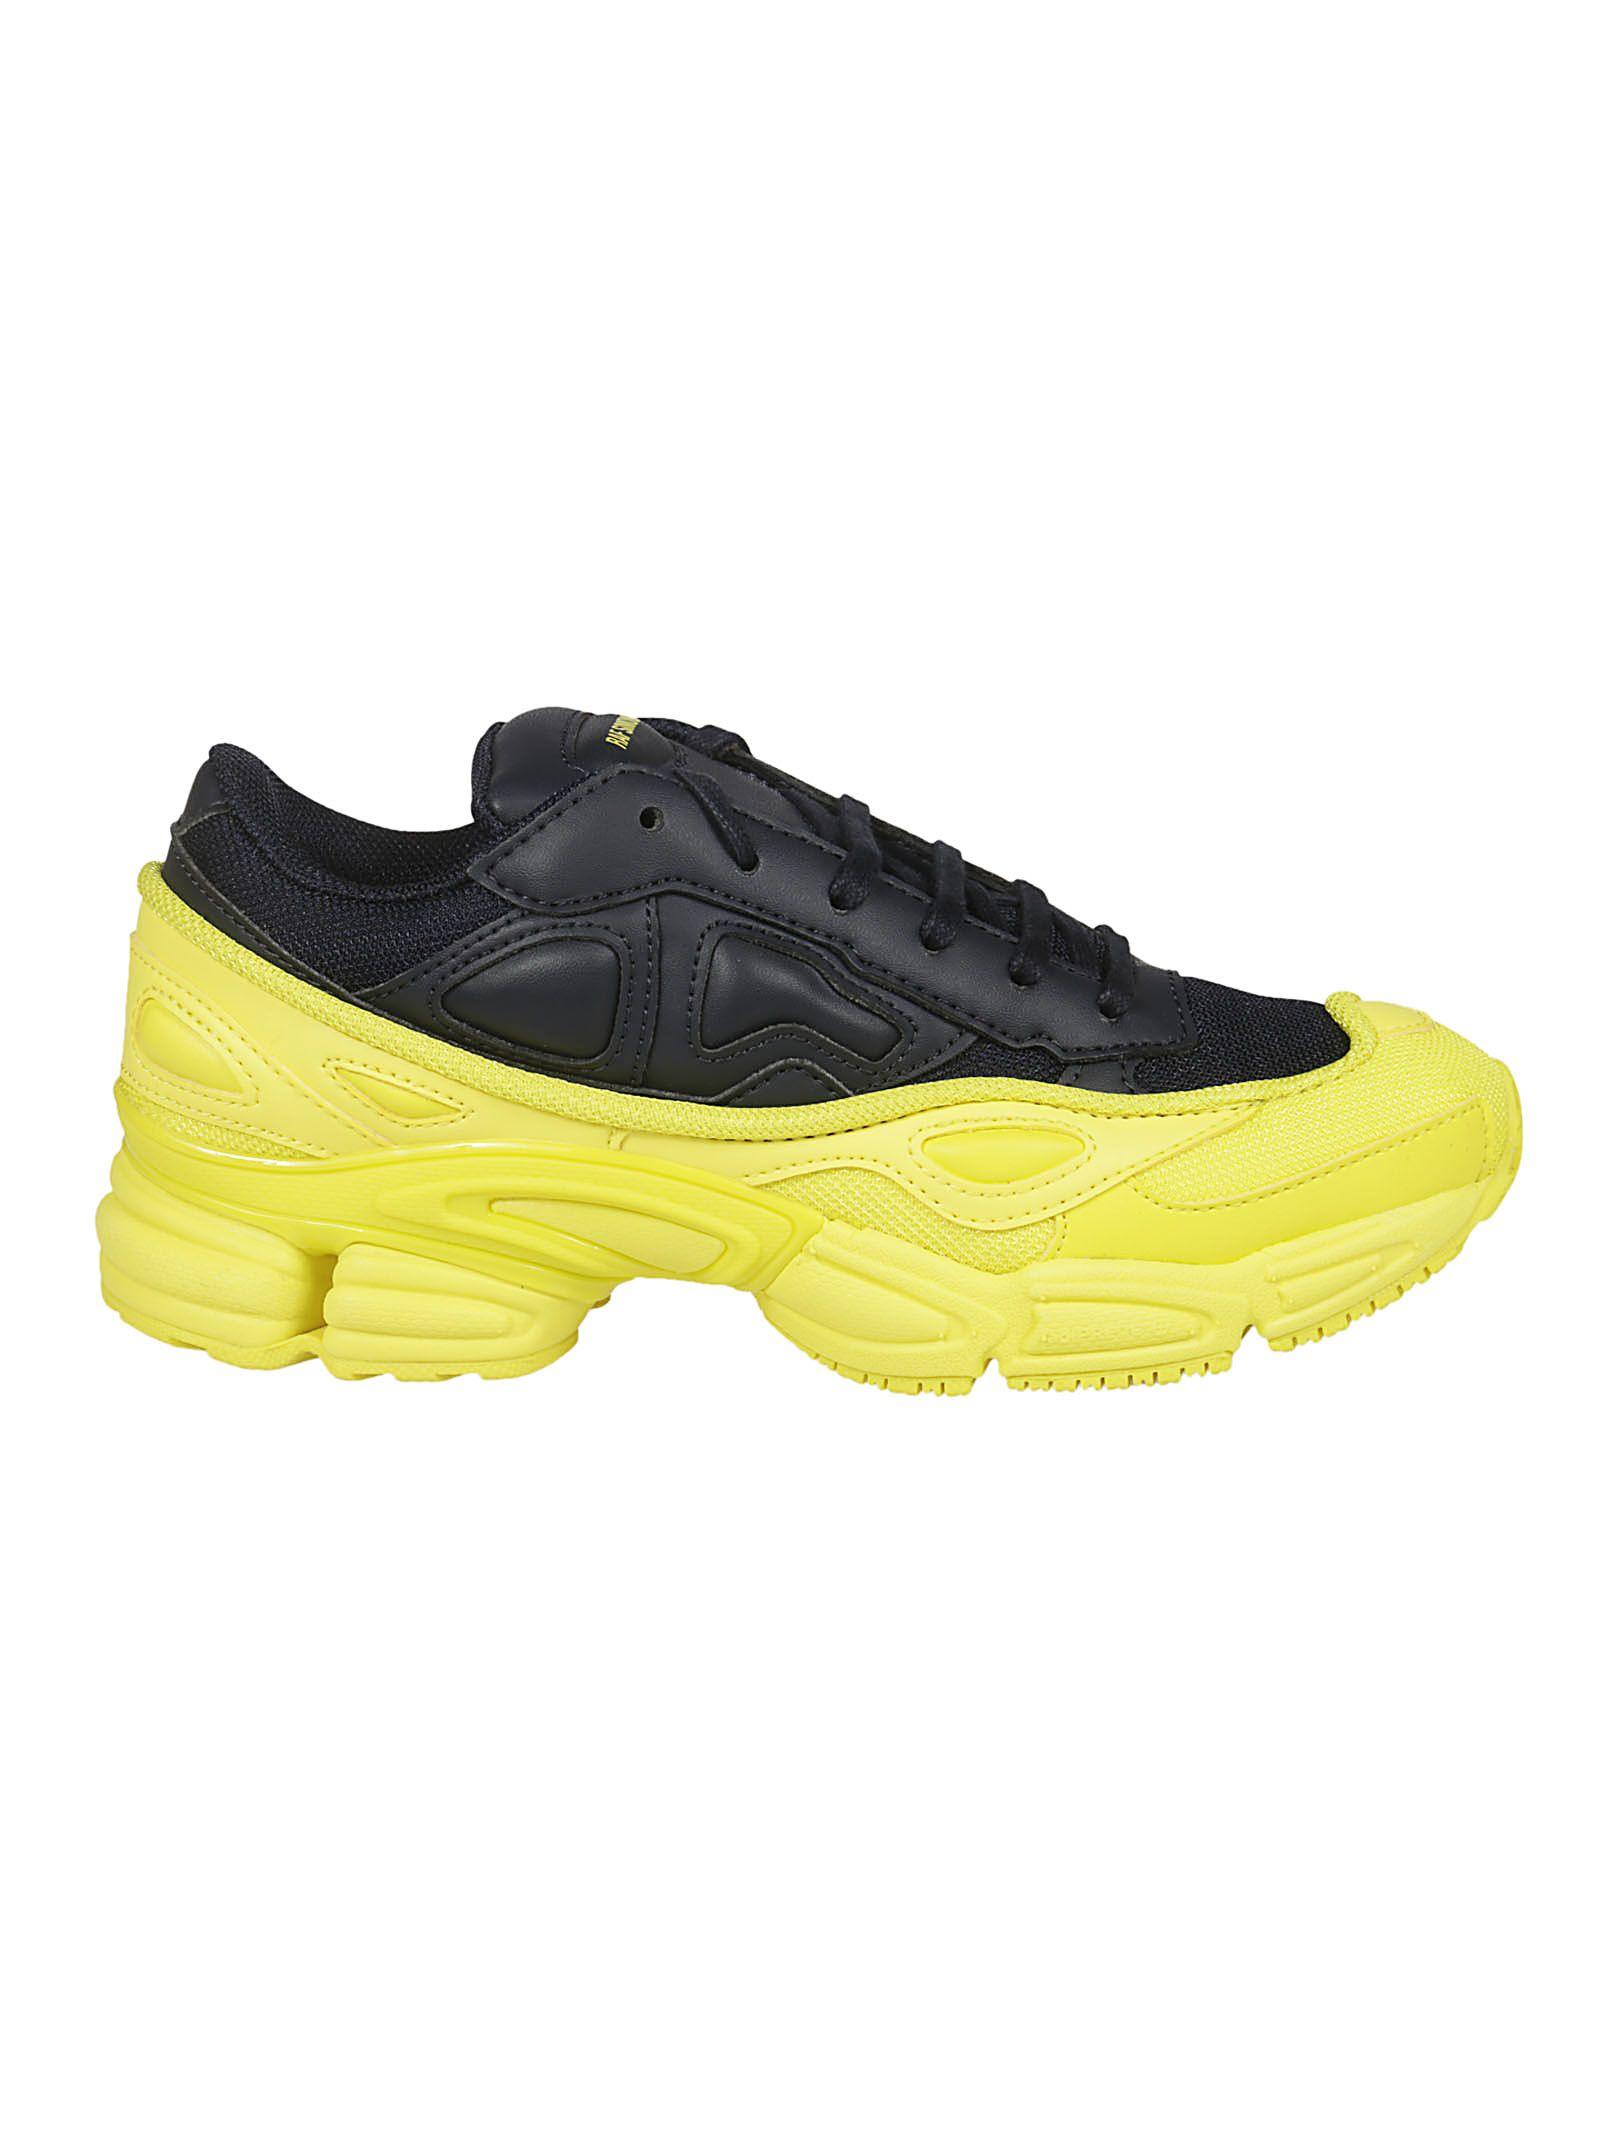 Ozweego Sneakers, Yellow/Navy